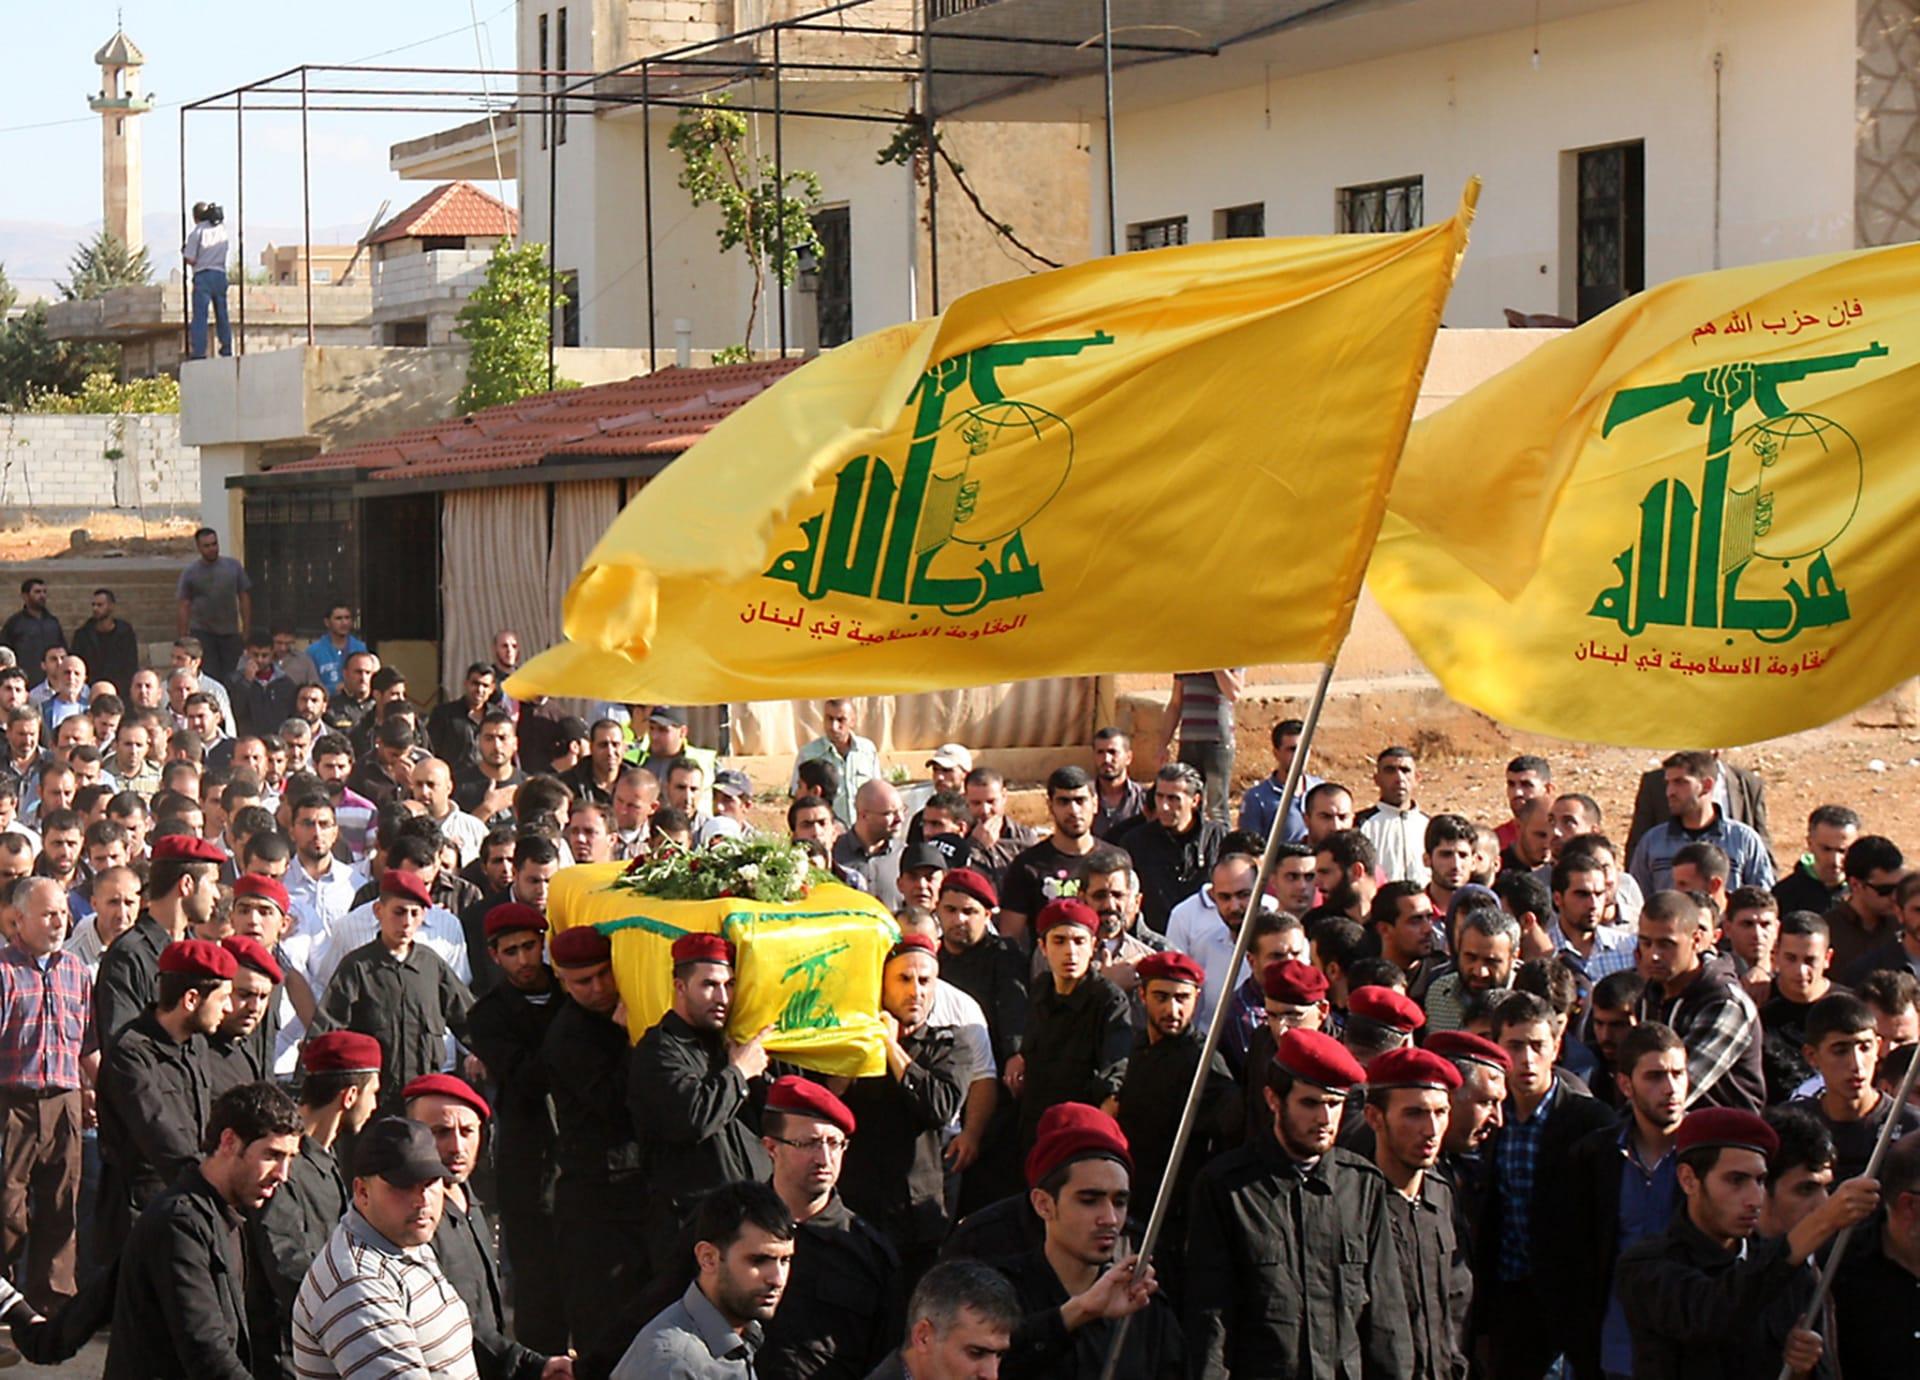 صحف: مقاتلو حزب الله في الفلوجة وعنان يطلب دعم الإخوان